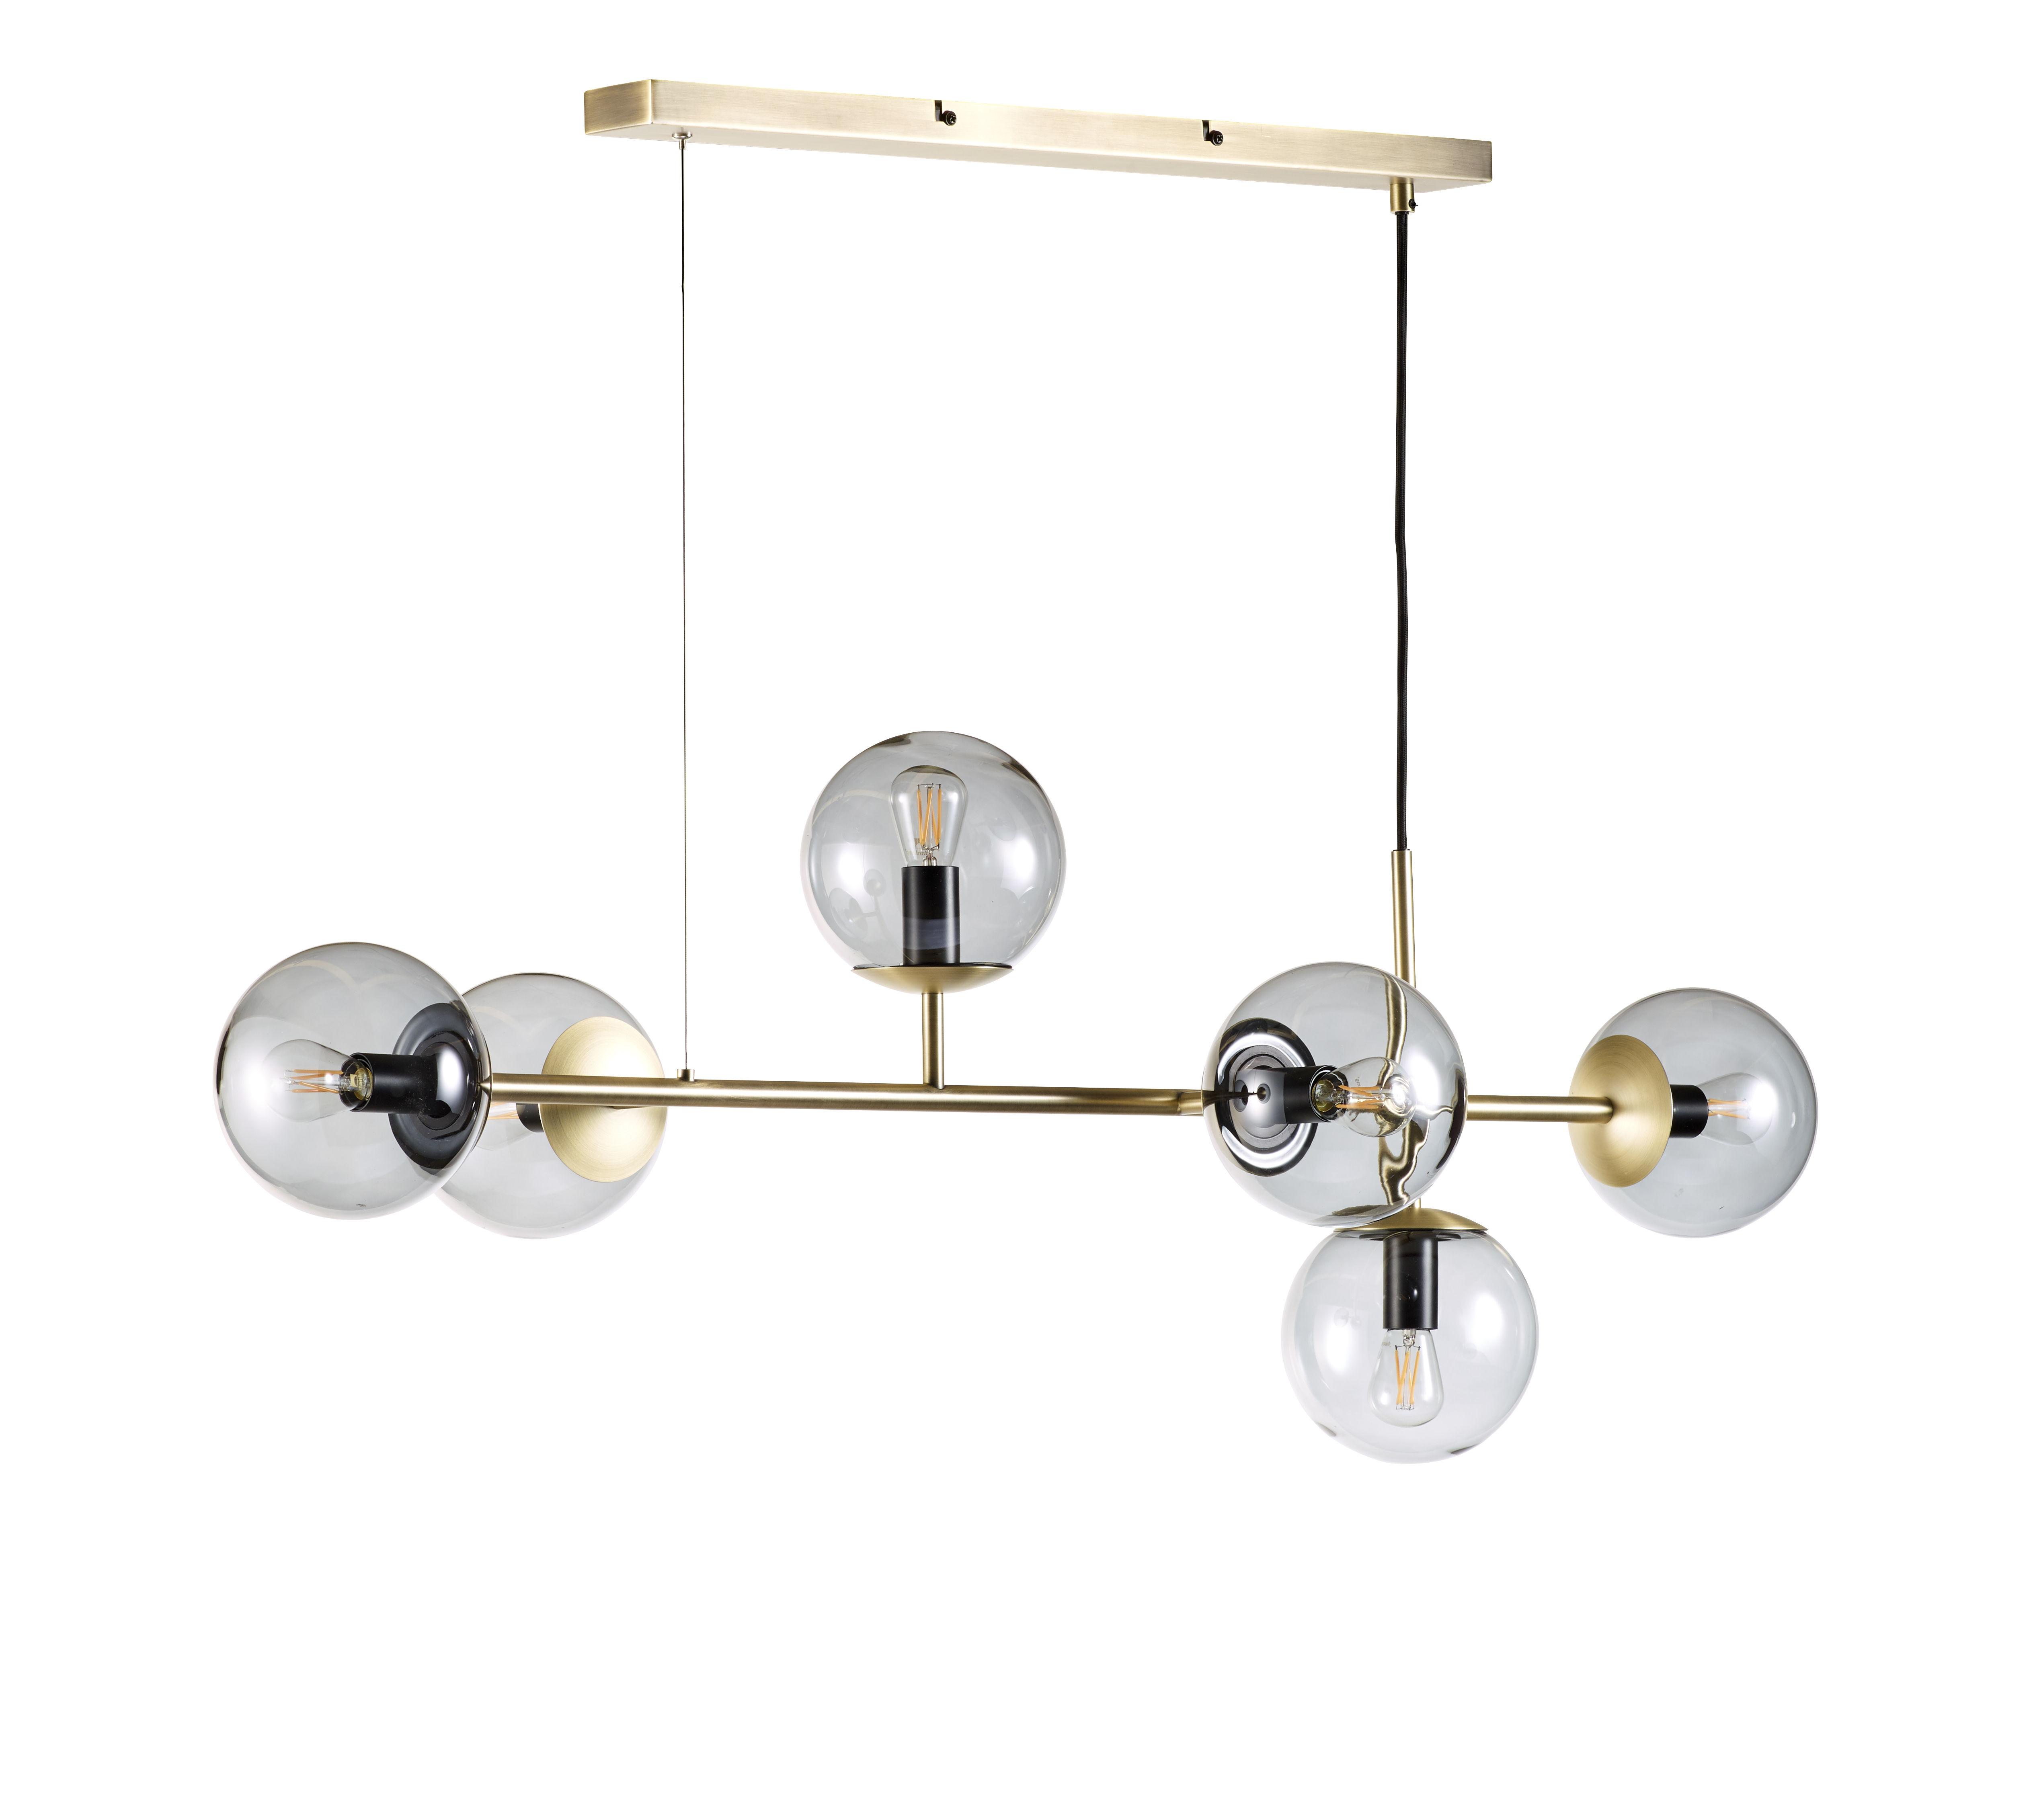 Illuminazione - Lampadari - Sospensione Orb - / Orizzontale - L 114 x H 42 cm di Bolia - Ottone - Ottone, Tessuto, Vetro